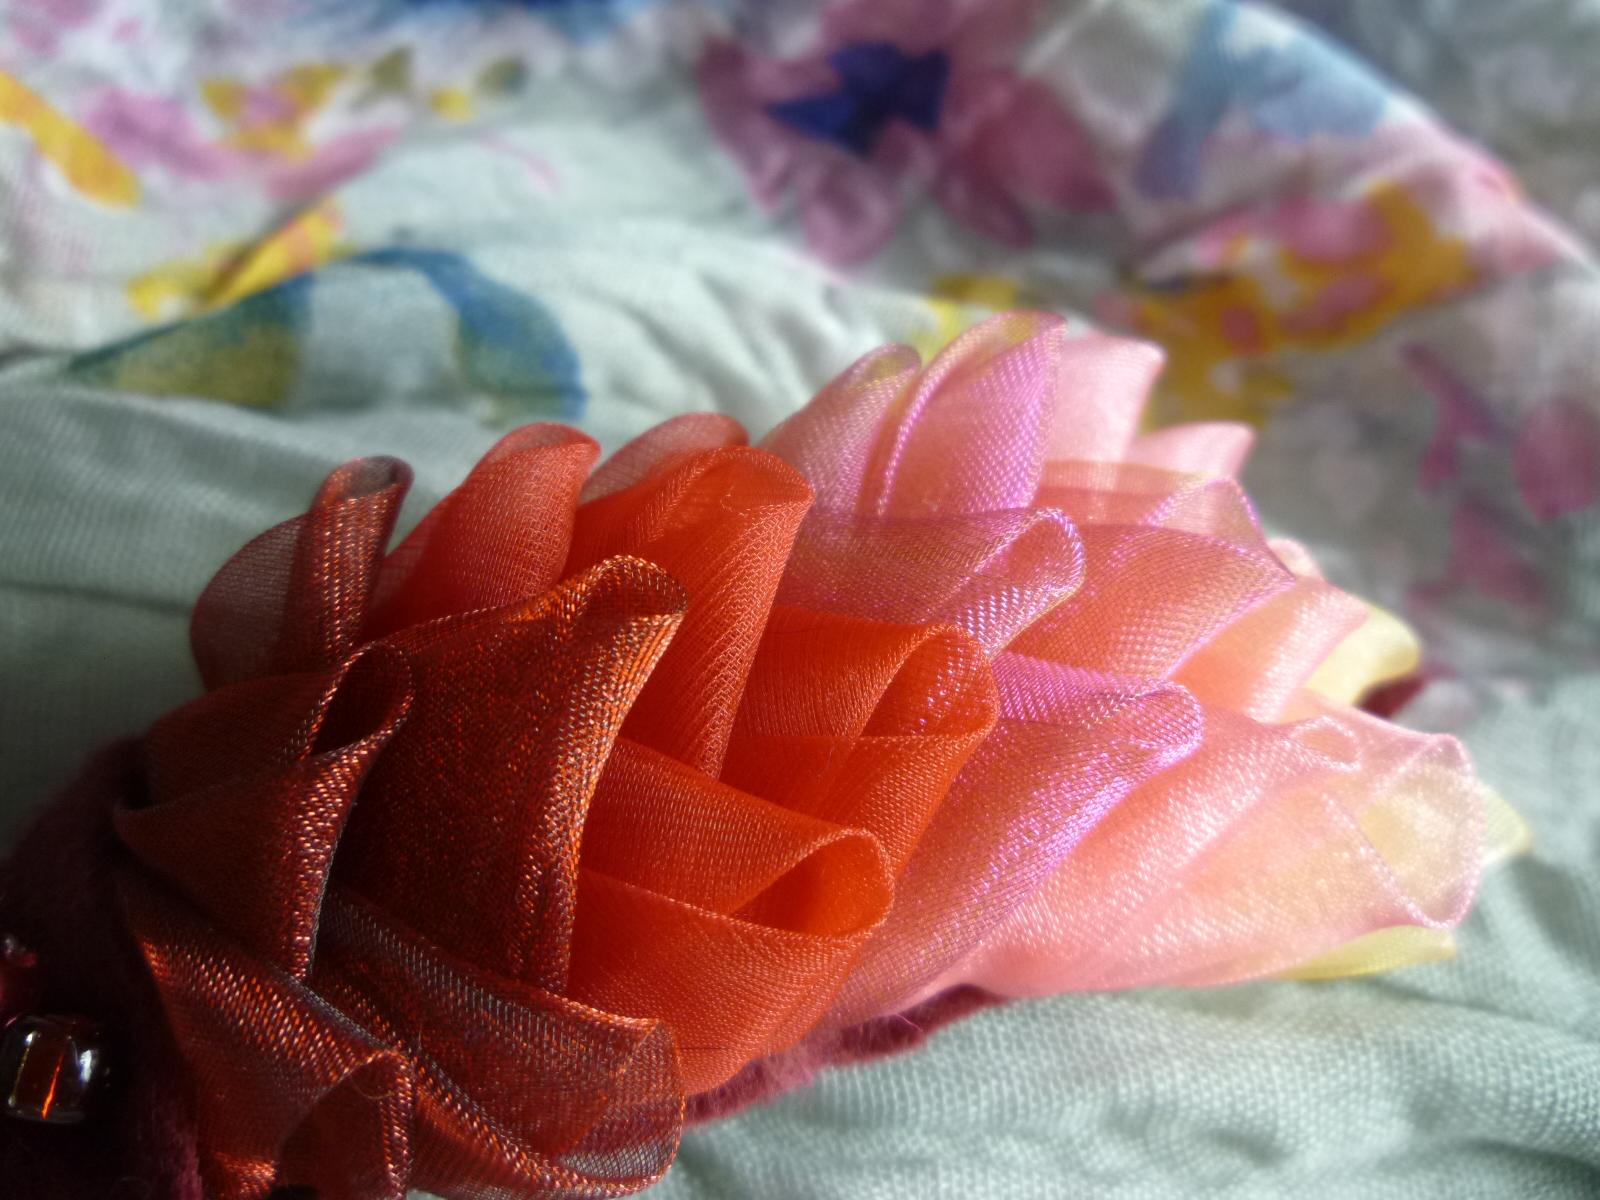 e6bad951ad2 Poupata - lupina růžová - spona do vlasů   Zboží prodejce L-Bee ...